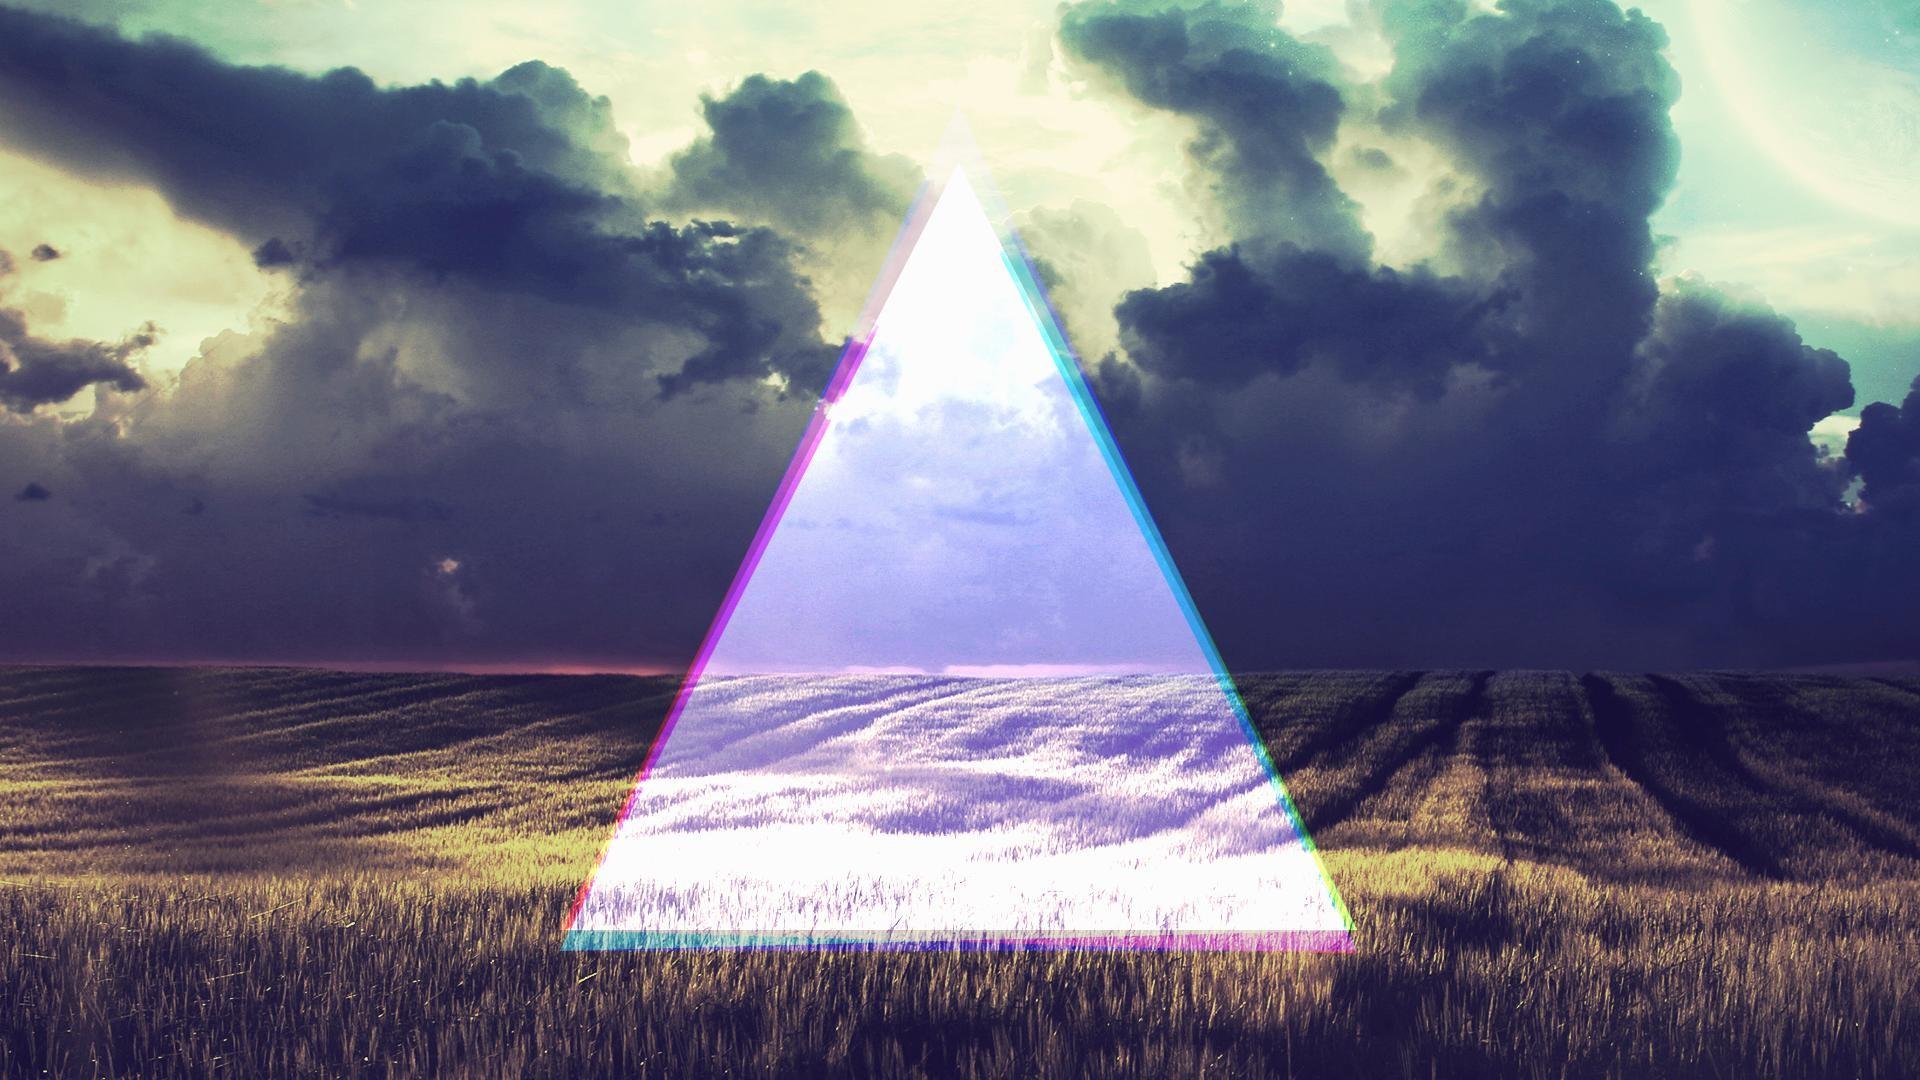 Hipster-wallpaper-deviantart-triangle-hd